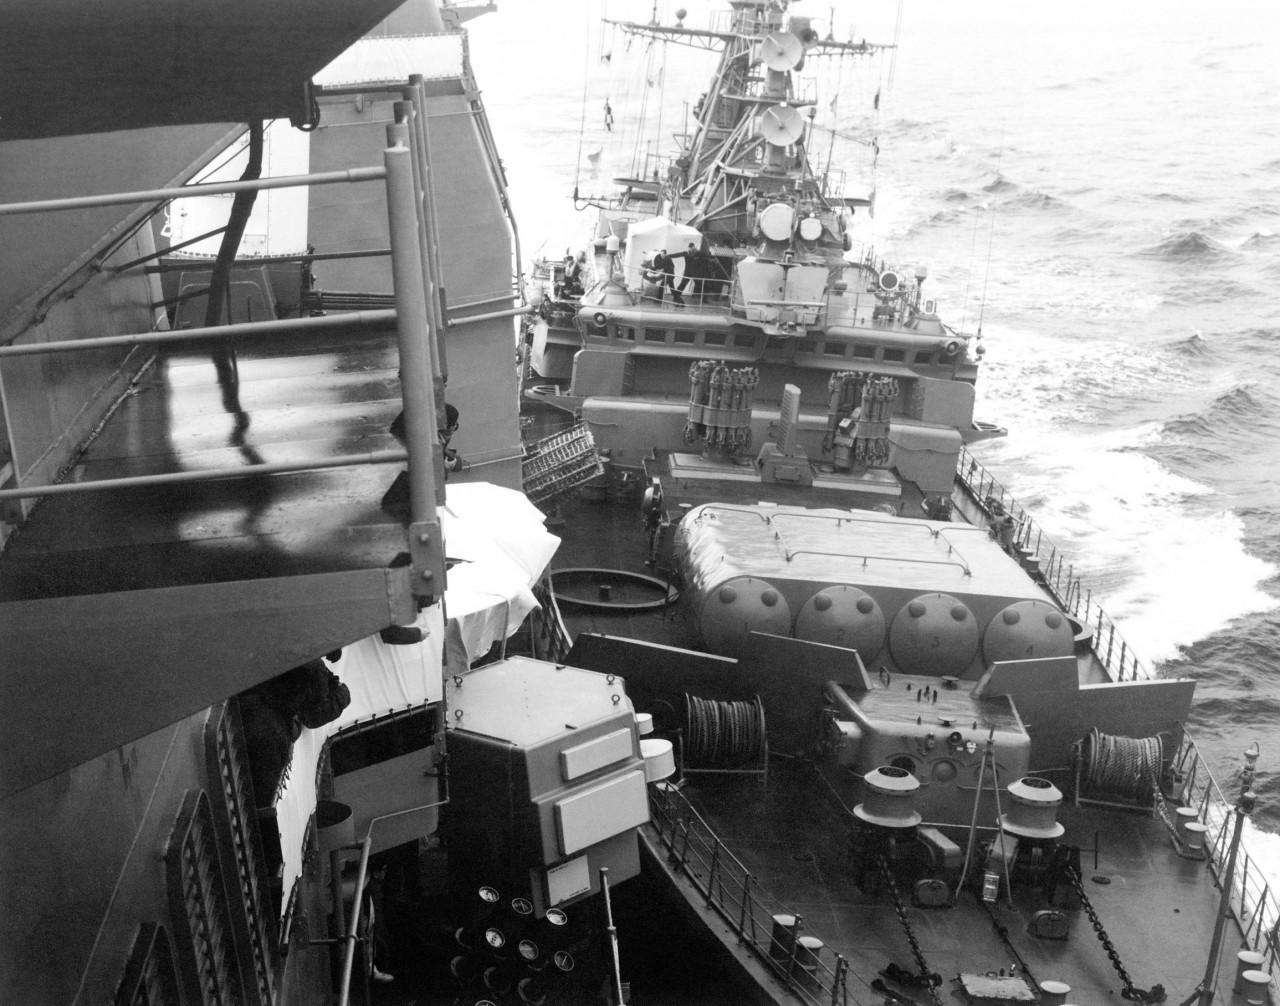 О знаменитом выдворении крейсера ВМФ США из Черного моря